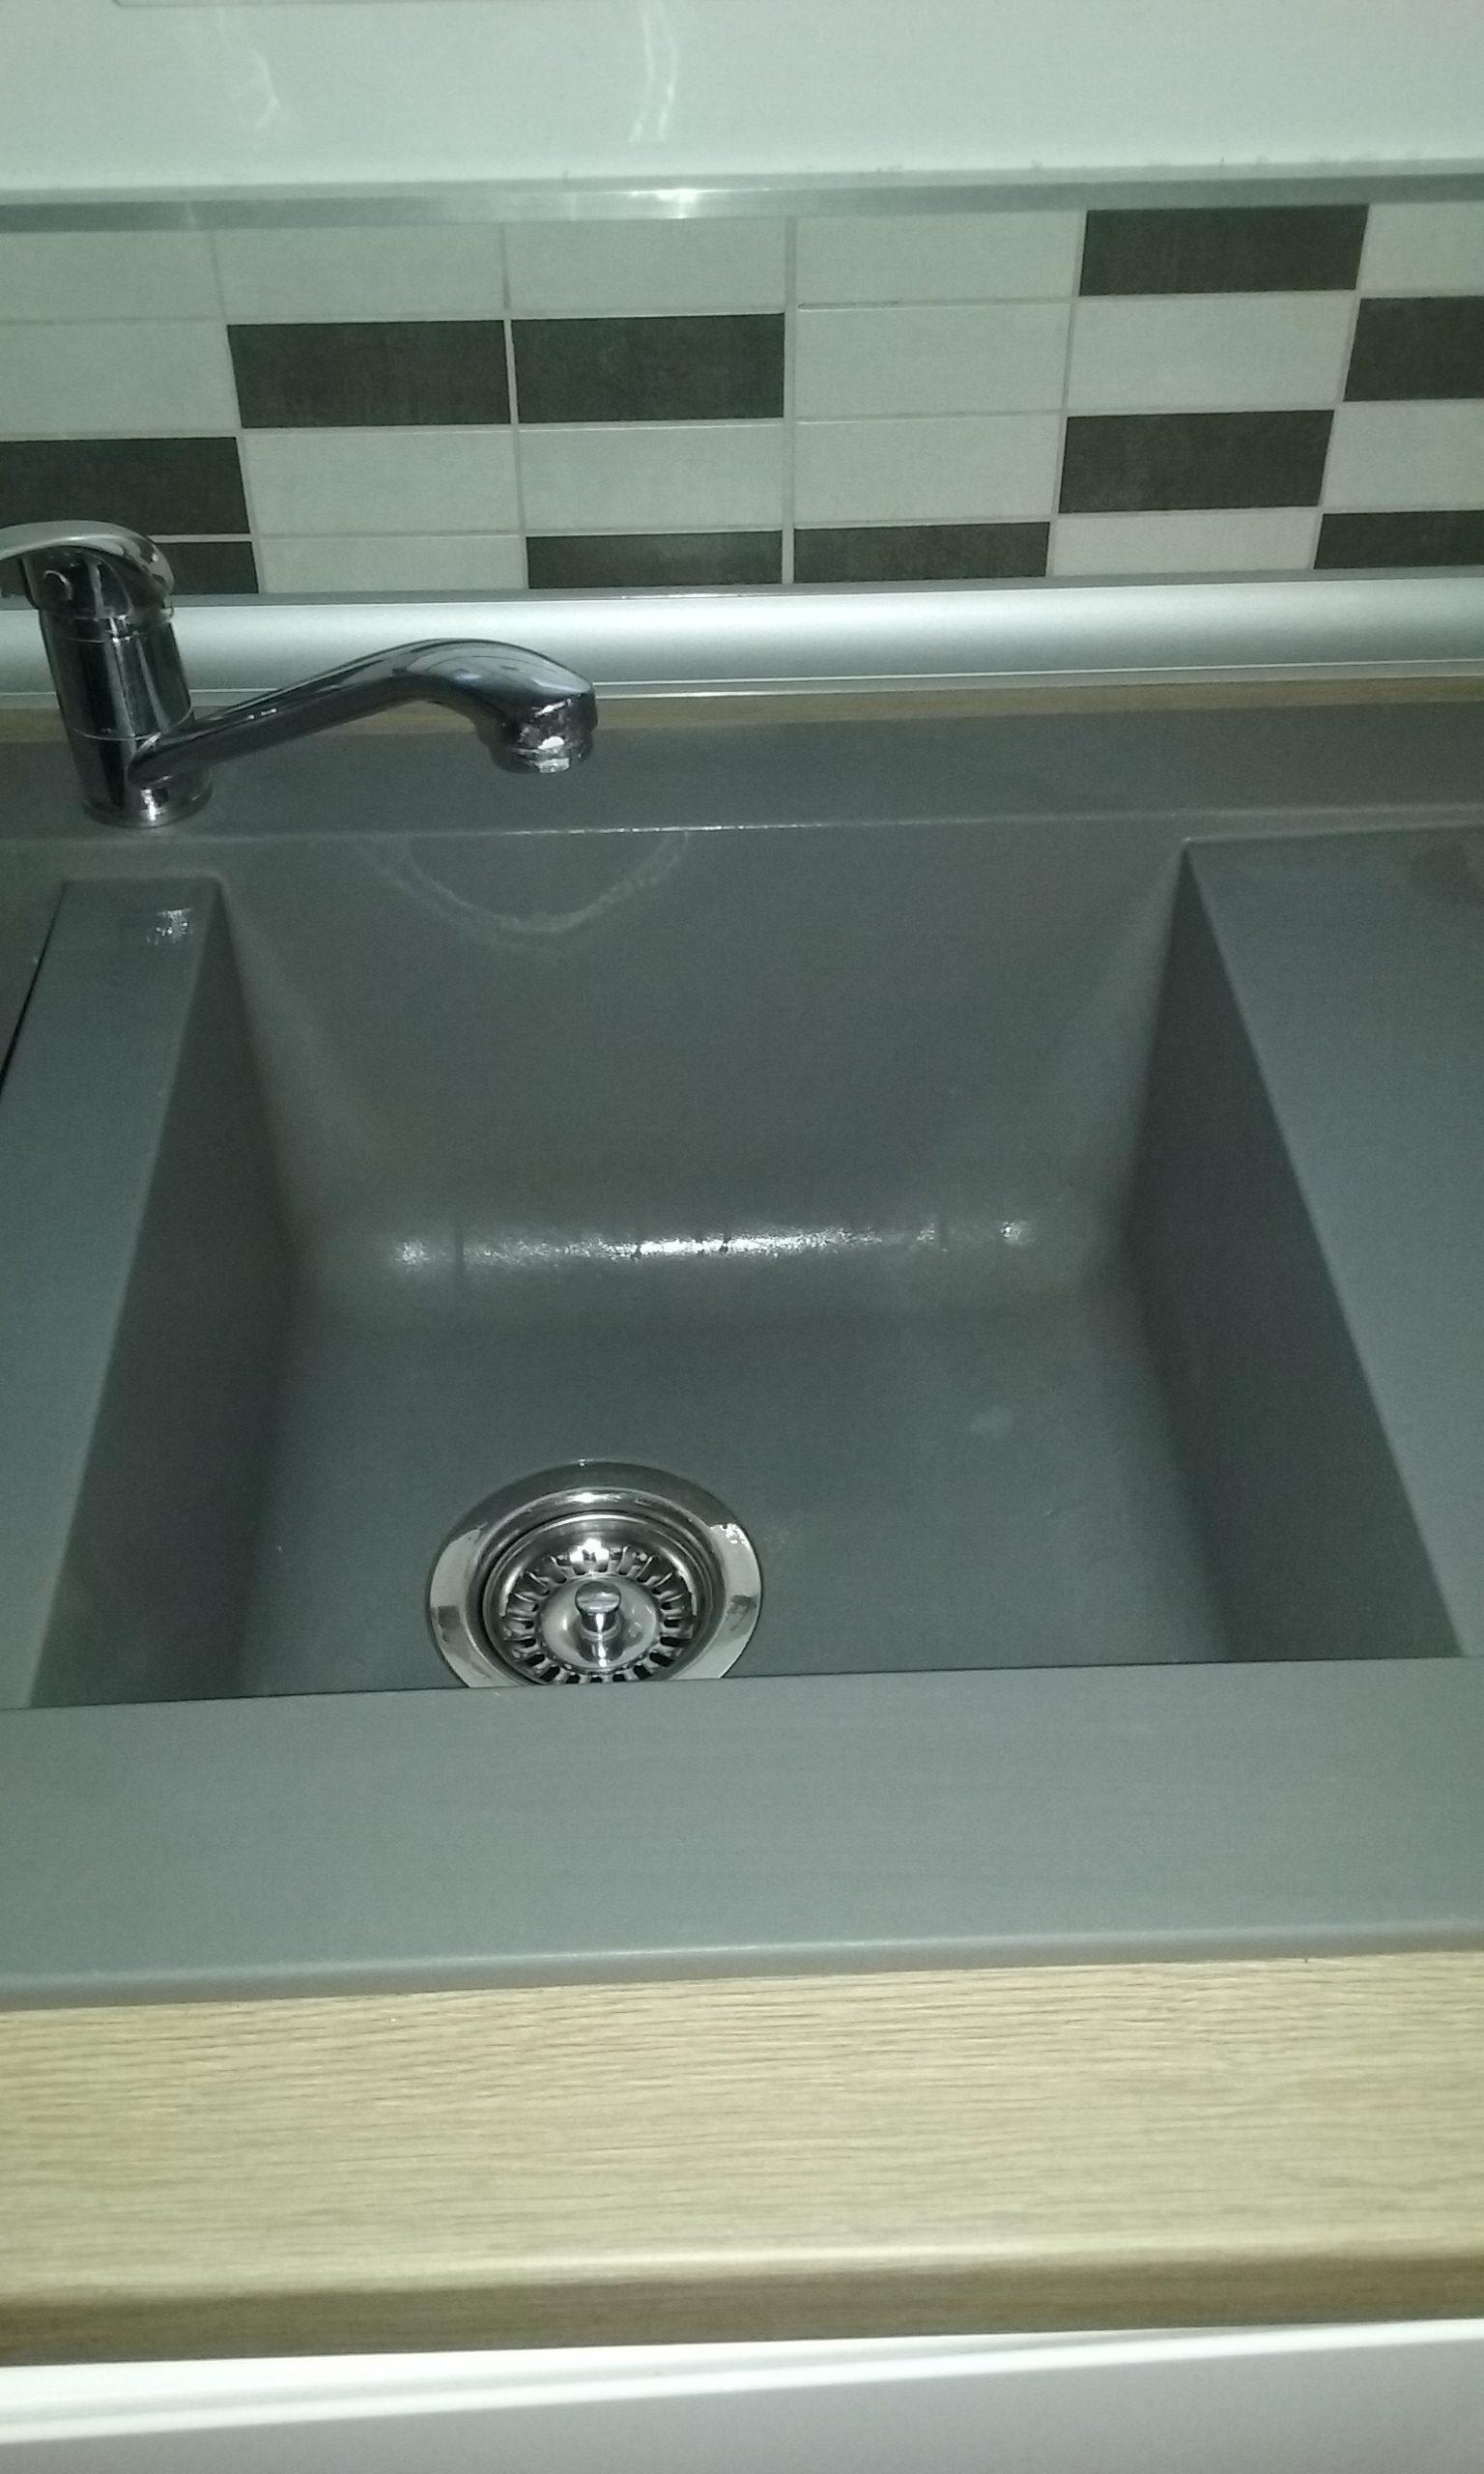 Comment Nettoyer Evier Resine Blanc redonner de l'éclat à un évier en résine gris, noir